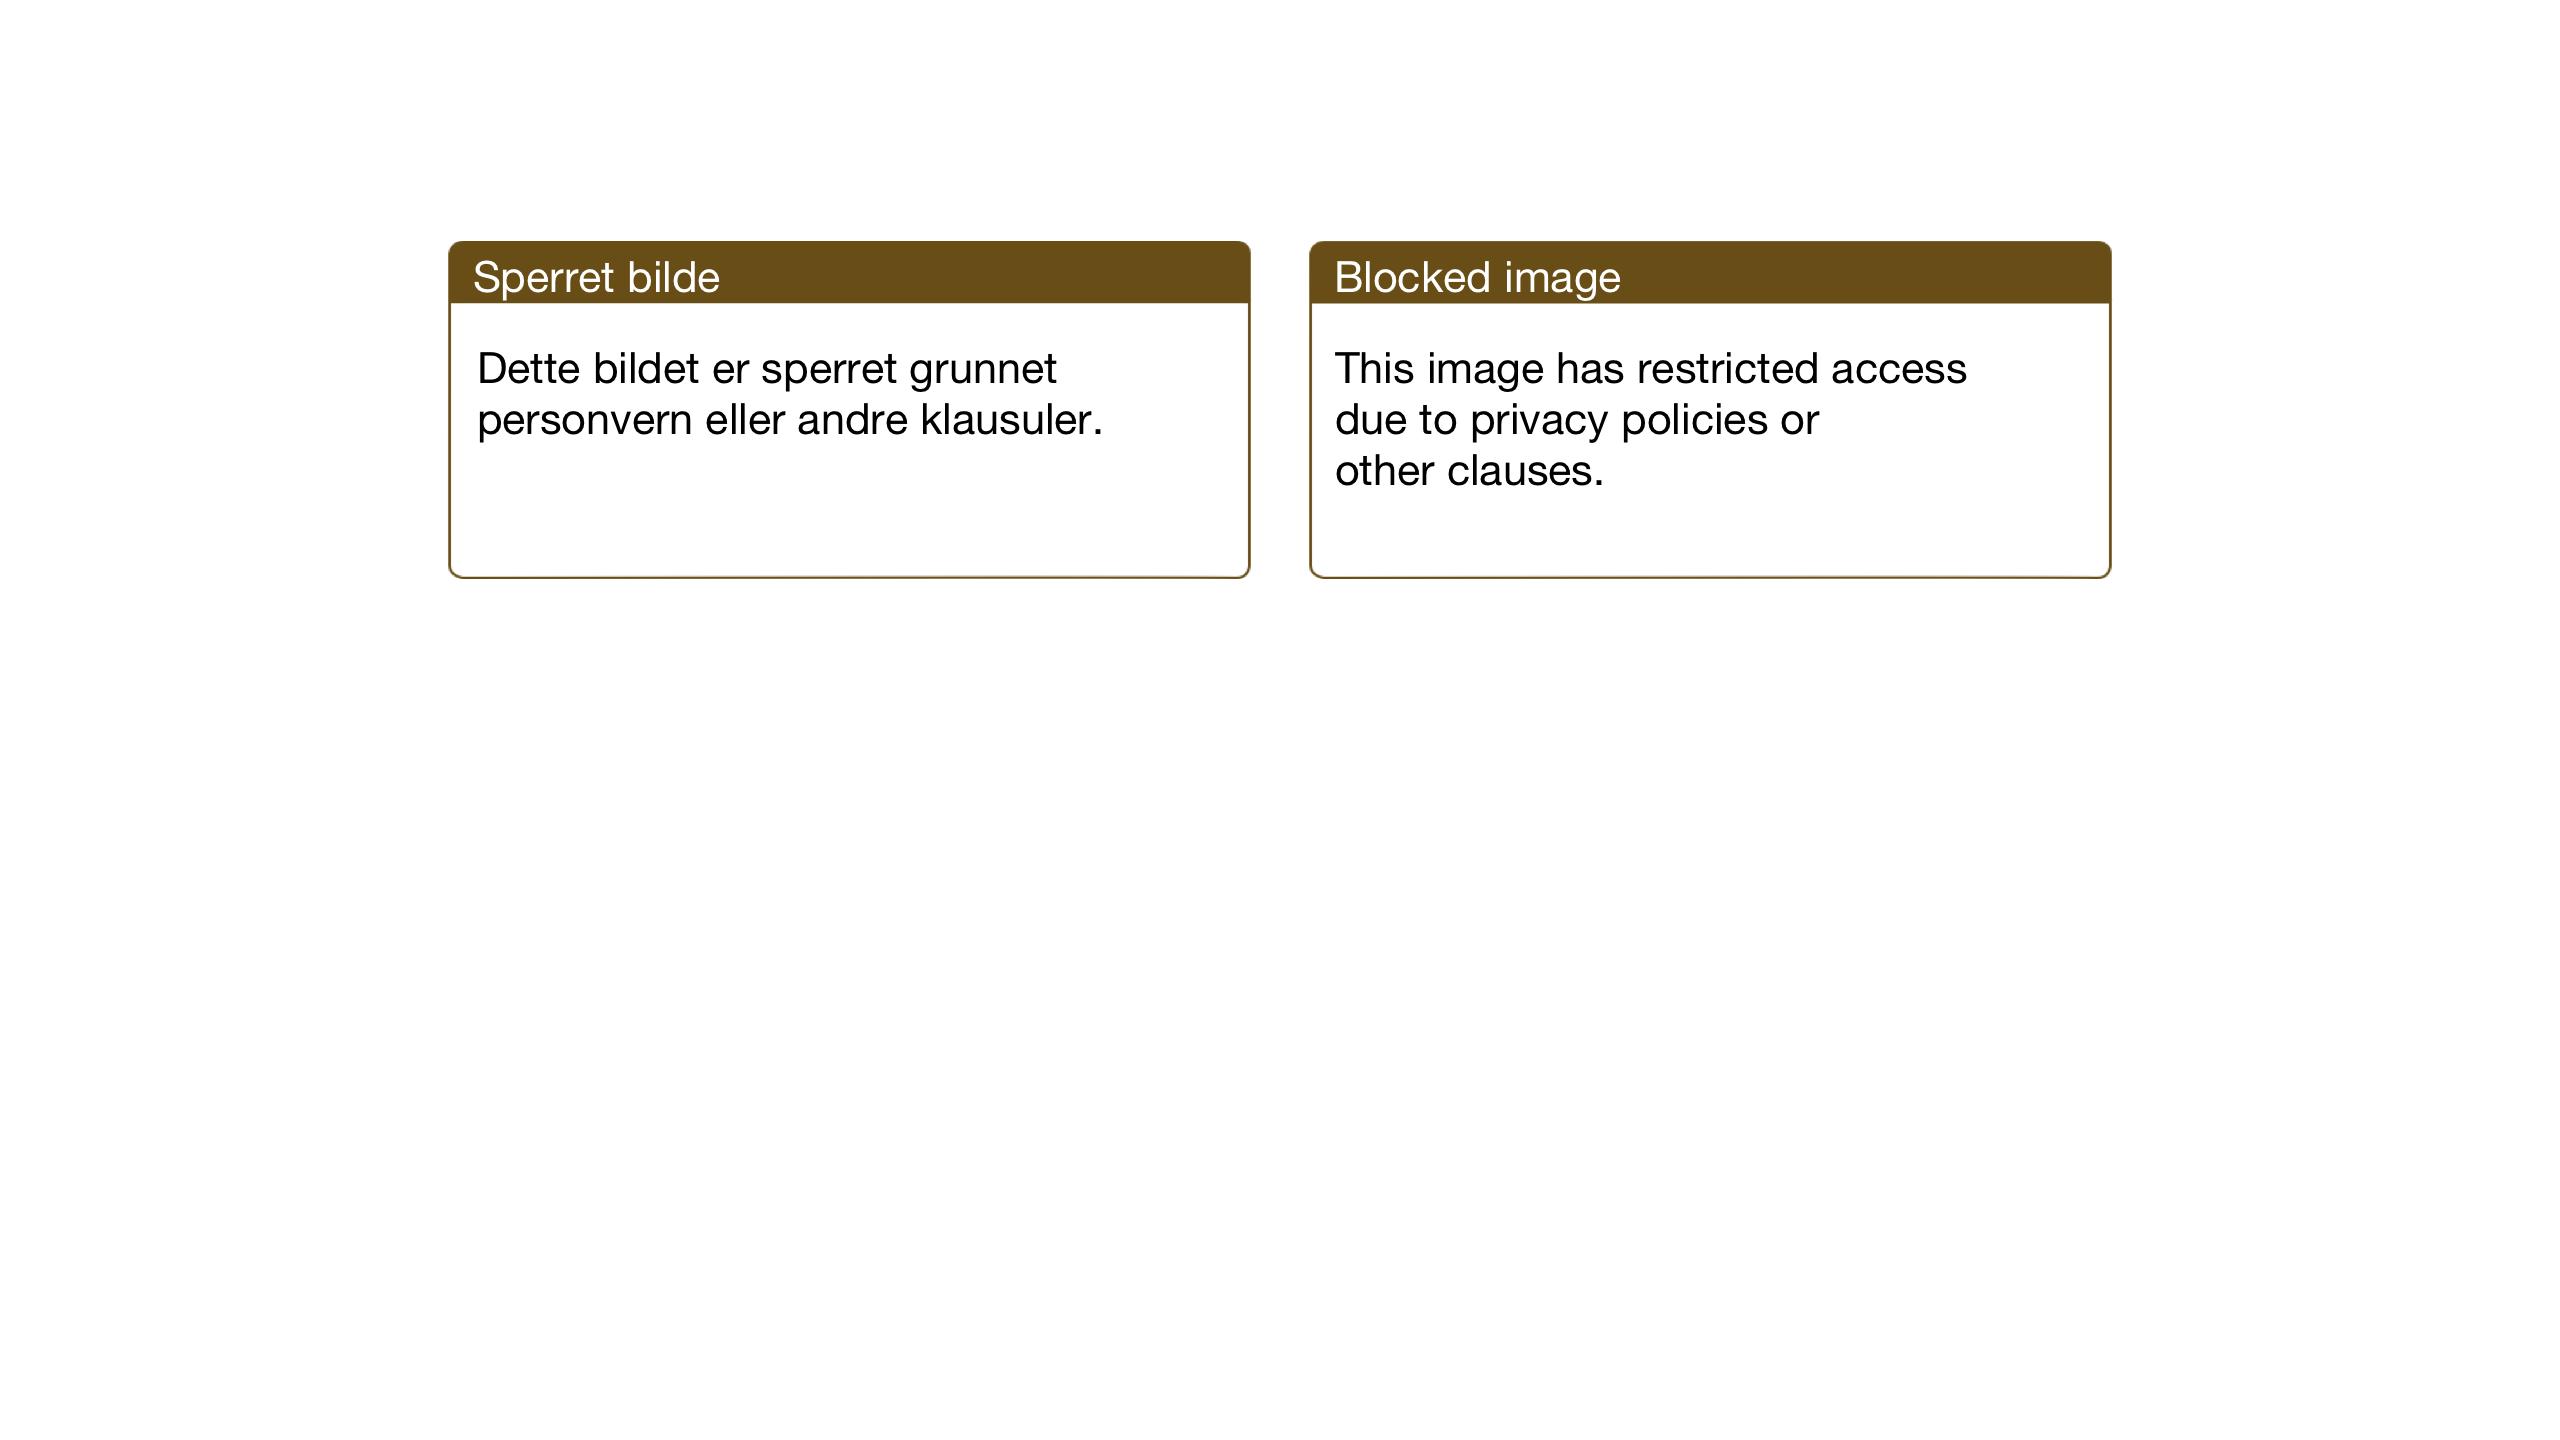 SAT, Ministerialprotokoller, klokkerbøker og fødselsregistre - Sør-Trøndelag, 657/L0718: Klokkerbok nr. 657C05, 1923-1948, s. 45